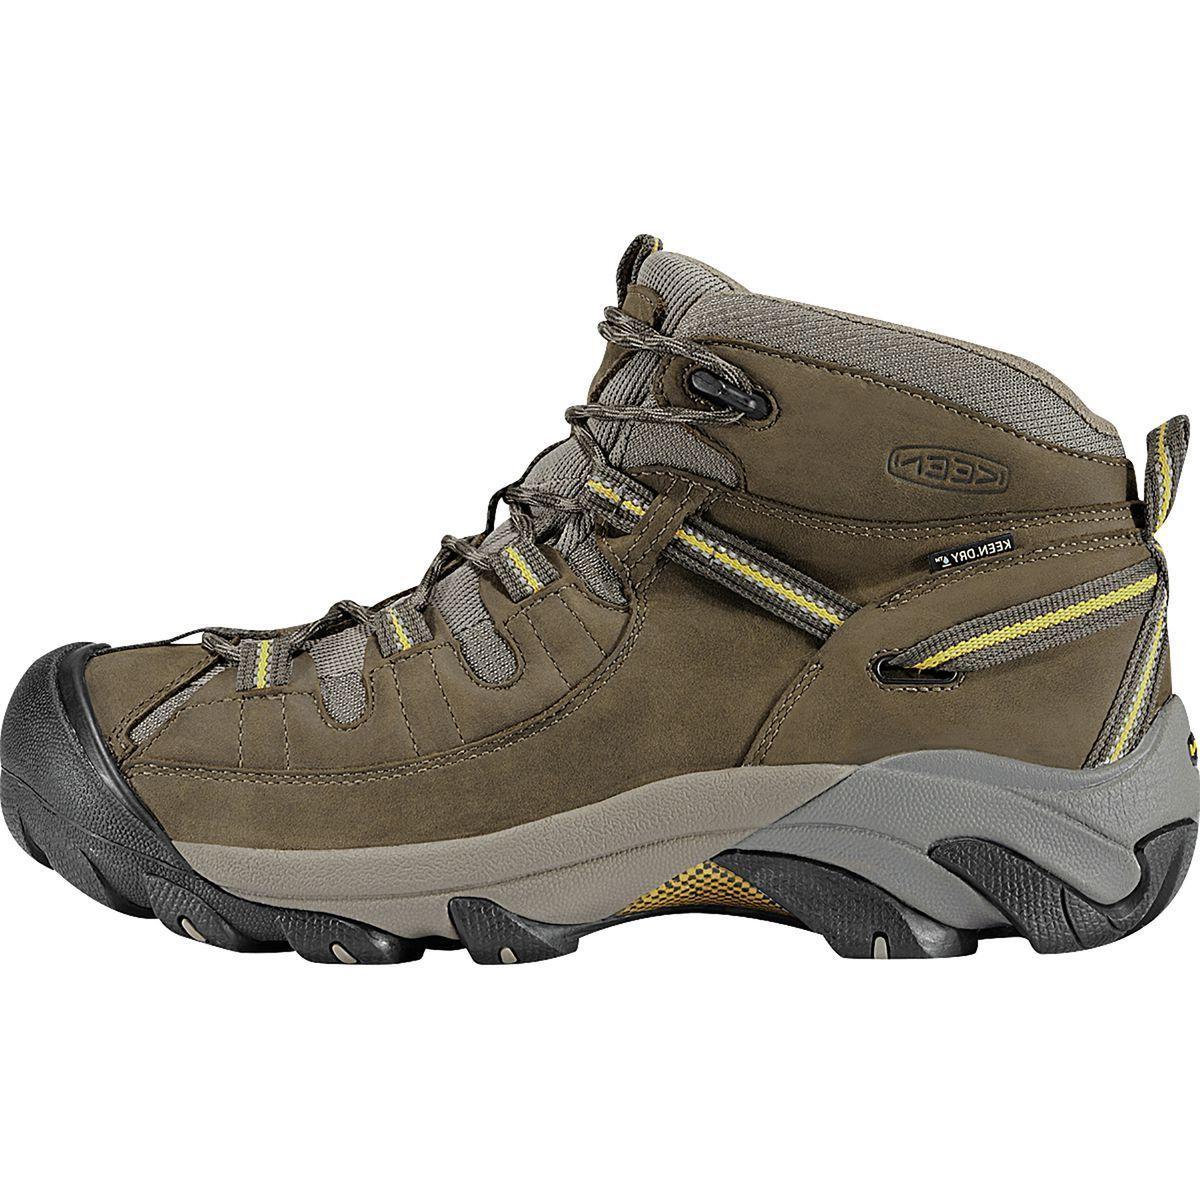 KEEN Targhee II Mid Wide Hiking Boot - Men's